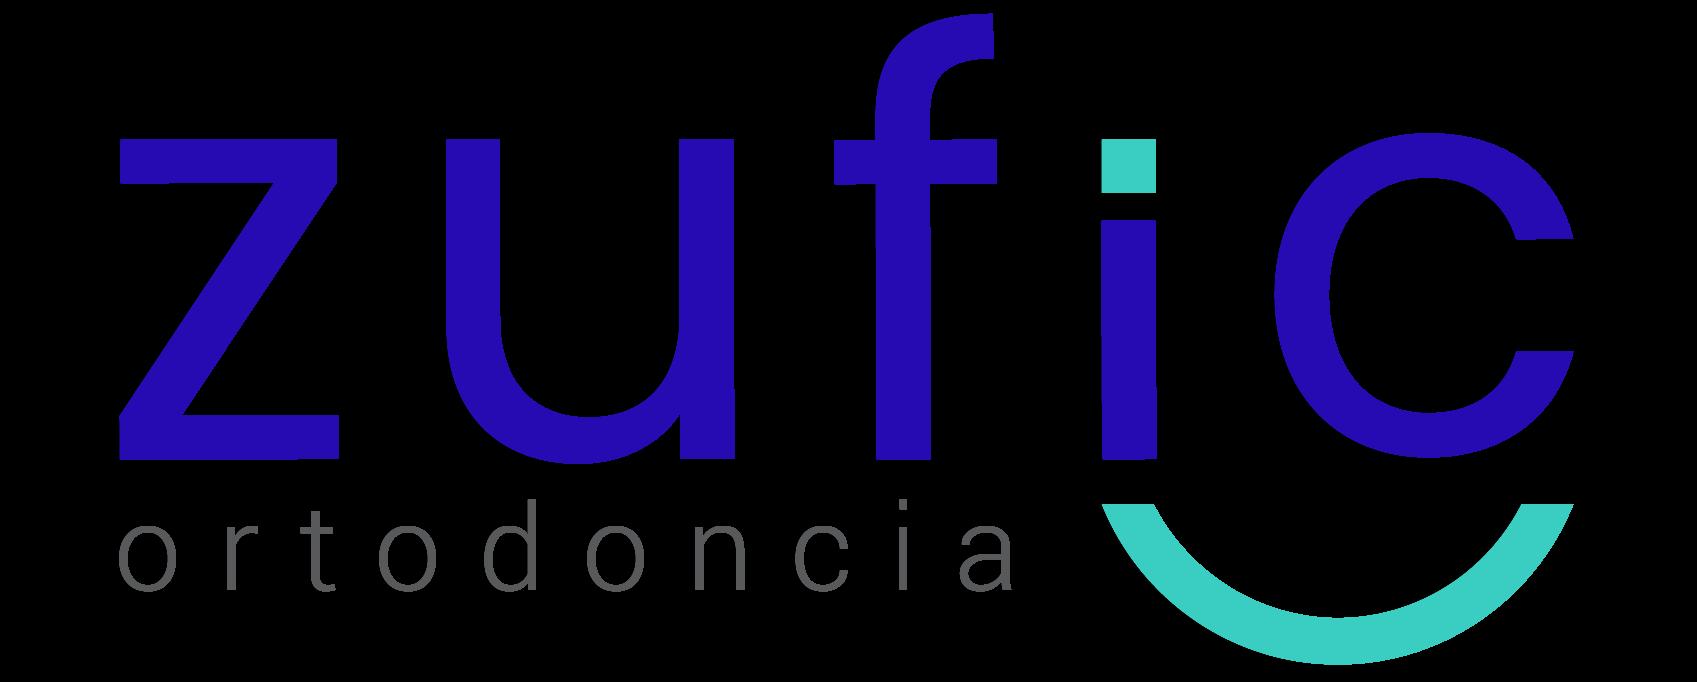 Ortodoncia Zufic